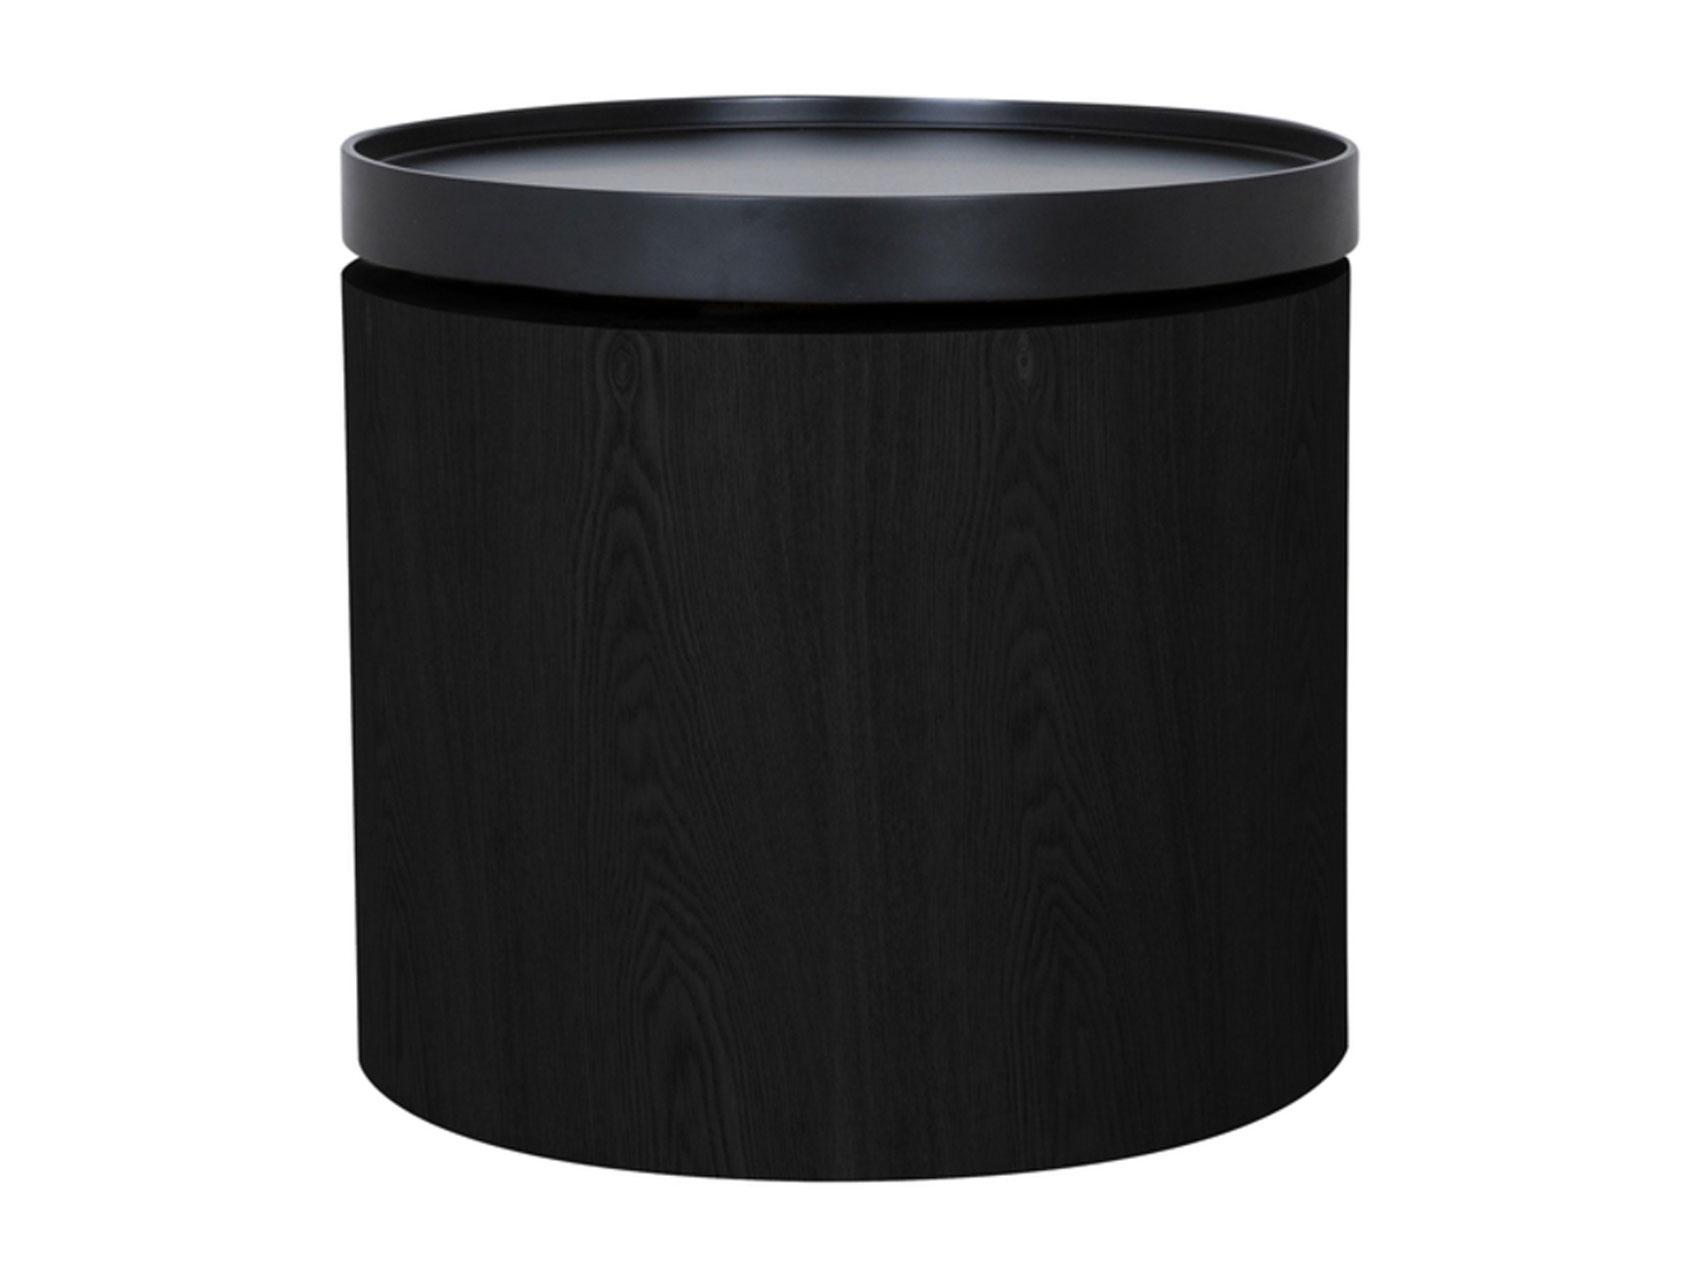 CANETT Odnes sofabord - sort træ